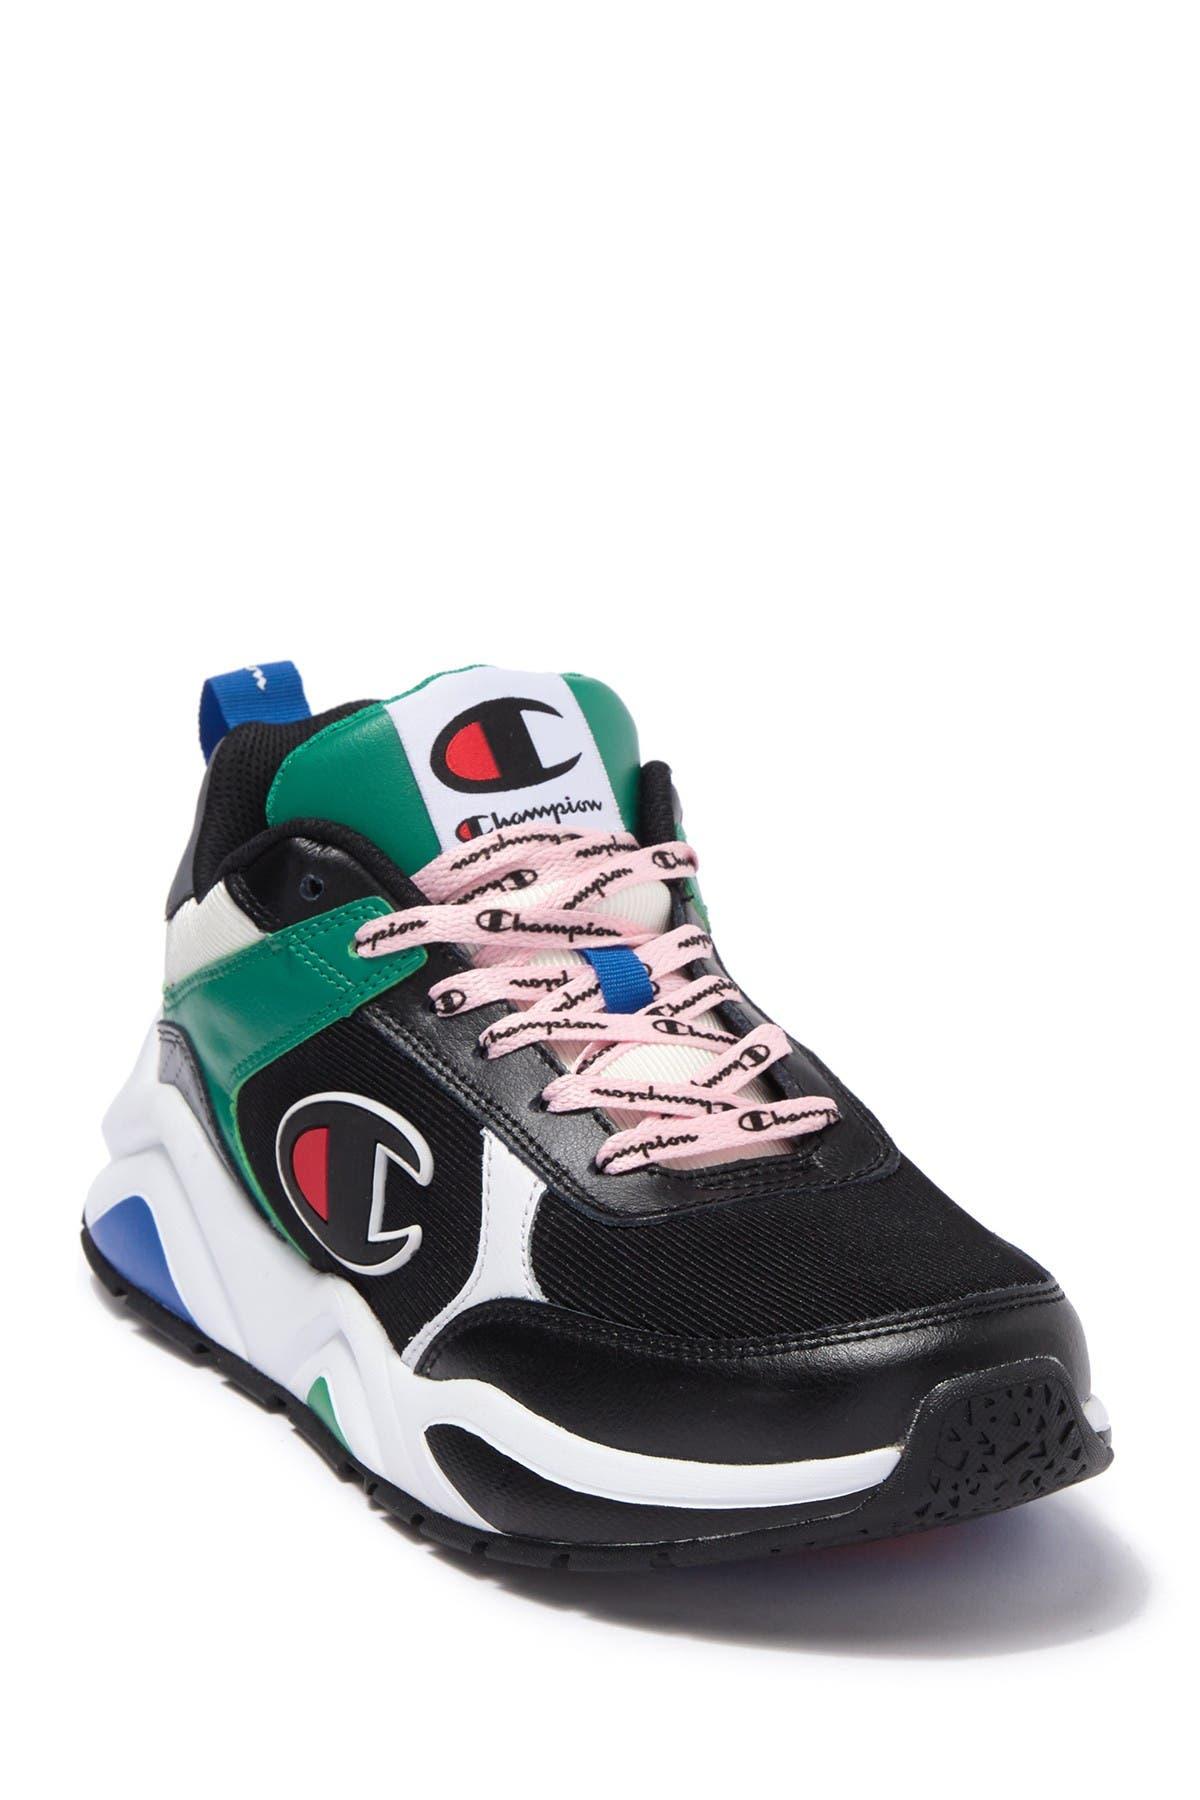 93Eighteen Colorblock Sneaker